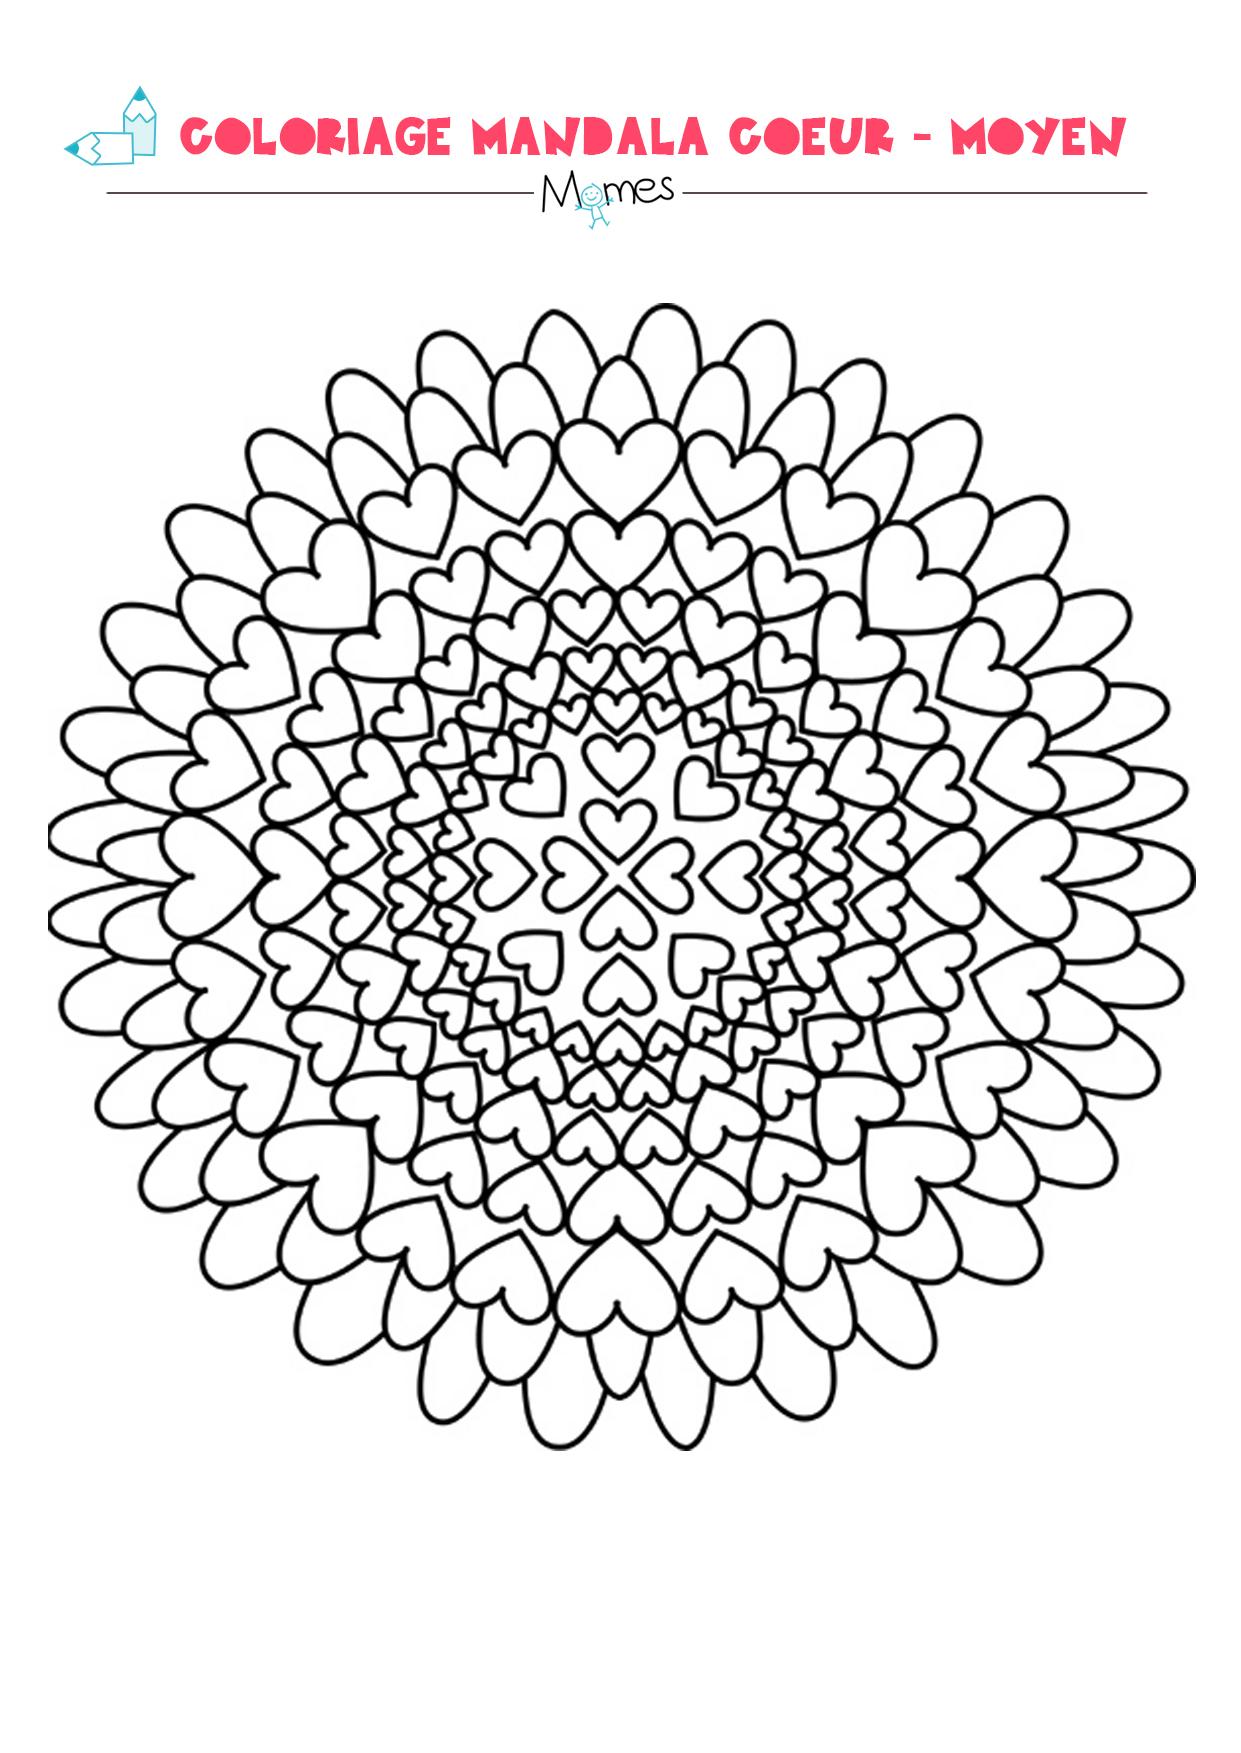 Mandala coeur colorier facile - Coloriage mandala enfants ...